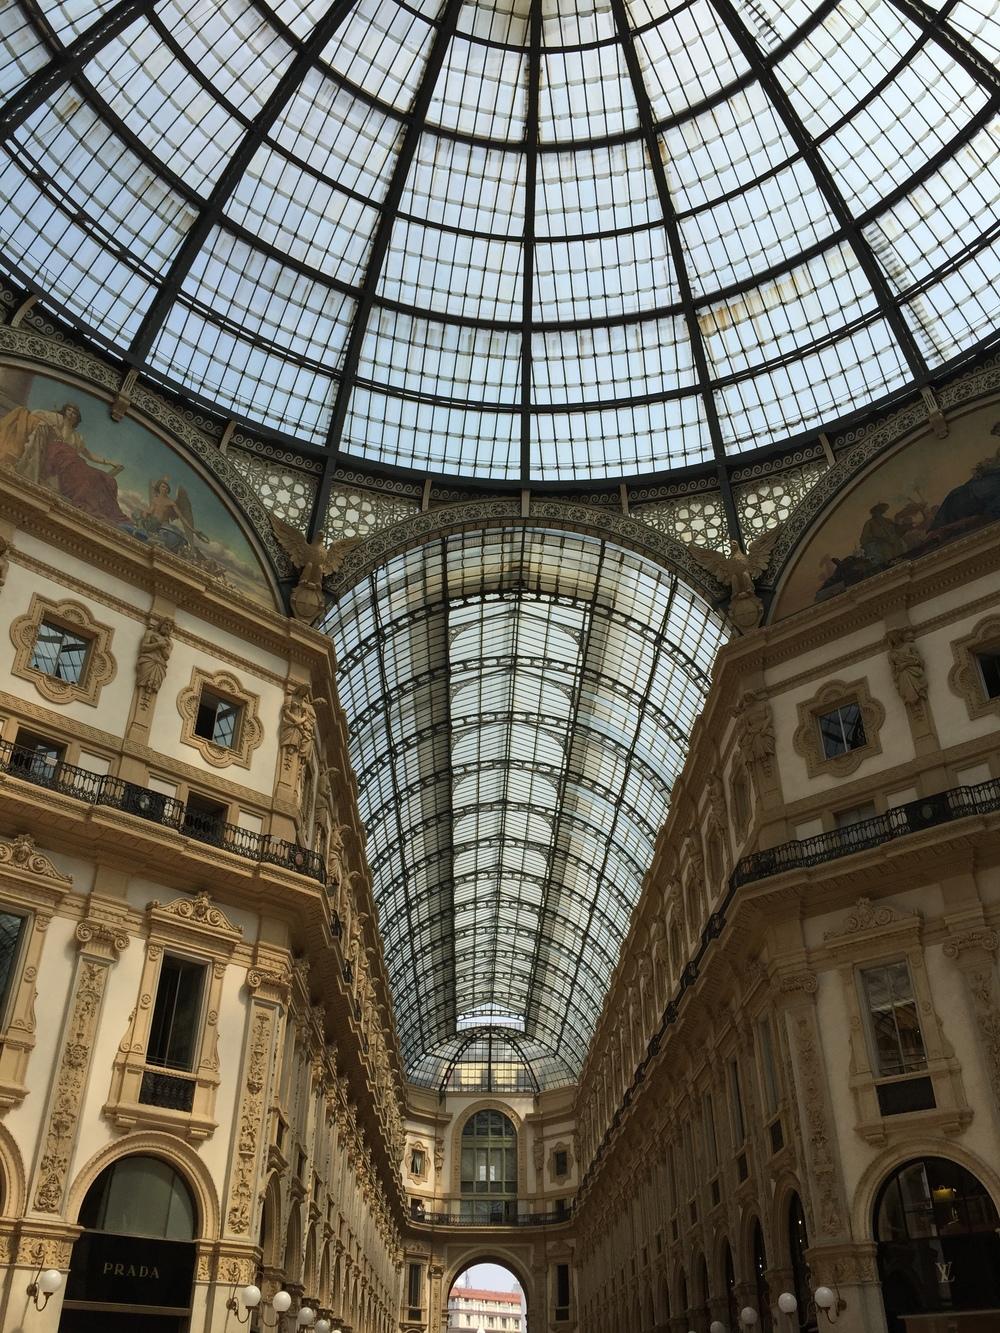 galleria vittorio emanuelle, milan italy